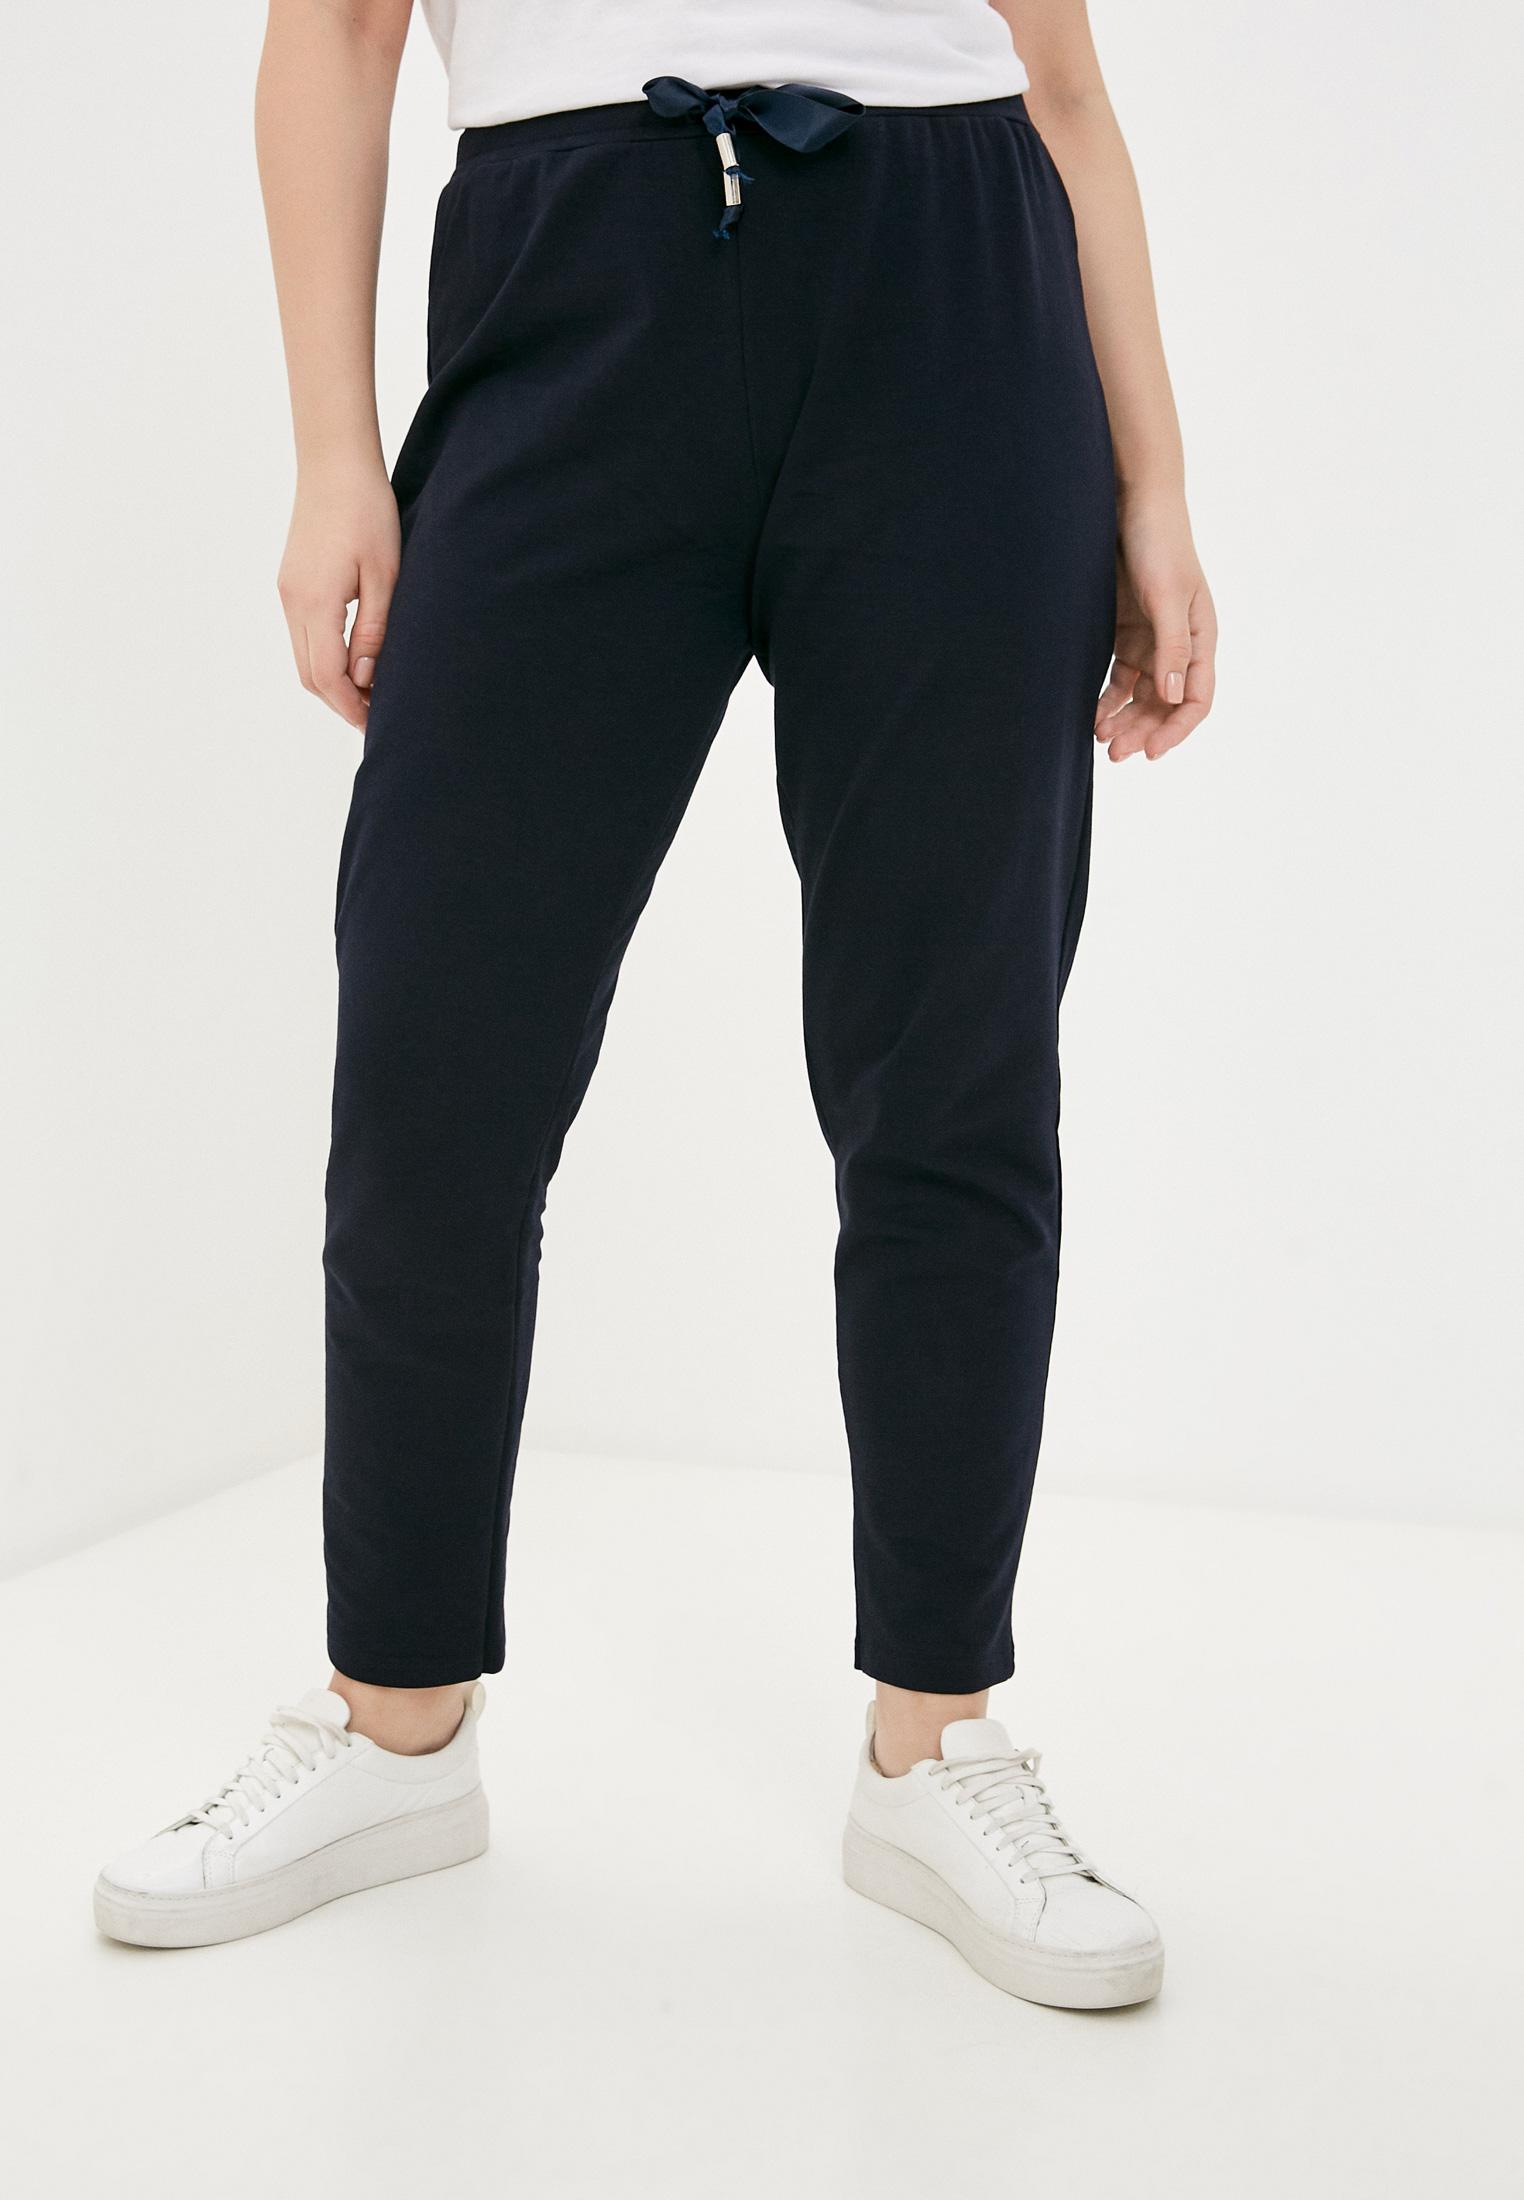 Женские спортивные брюки Sophia BAR200136630